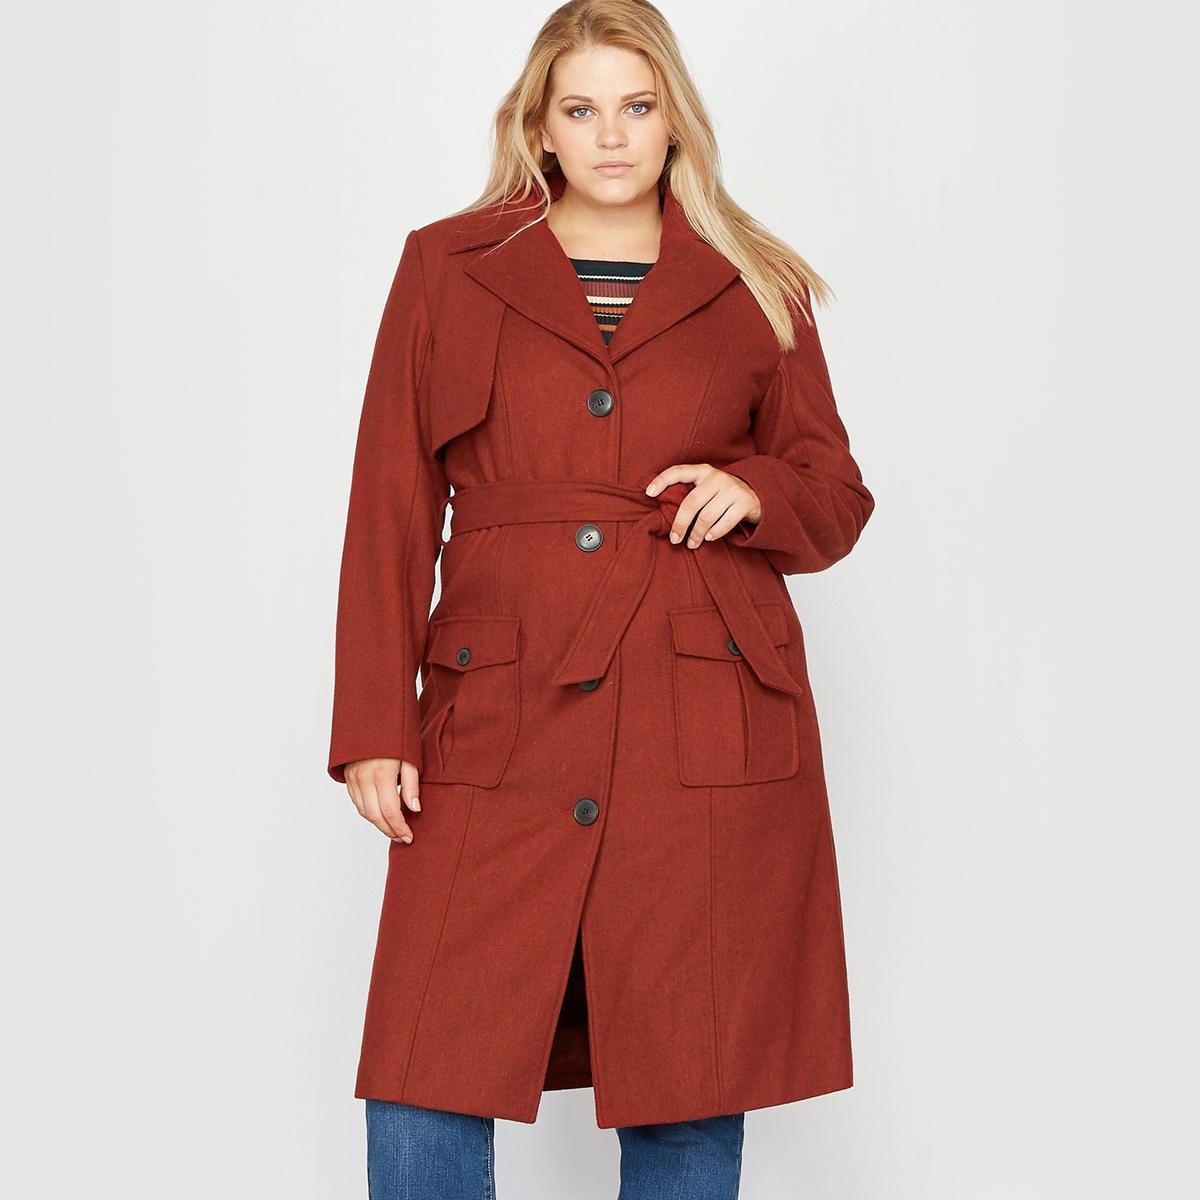 Пальто стилизовано под тренч, 40 % шерстиСостав и описание:Материал: мягкая и тёплая ткань, 60 % полиэстера, 40 % шерсти. Подкладка: 100 % полиэстера.Длина: 107 см для 48 размера. Марка: CASTALUNA.Уход:- Сухая чистка.<br><br>Цвет: красно-коричневый<br>Размер: 58 (FR) - 64 (RUS).56 (FR) - 62 (RUS).52 (FR) - 58 (RUS).48 (FR) - 54 (RUS).46 (FR) - 52 (RUS)